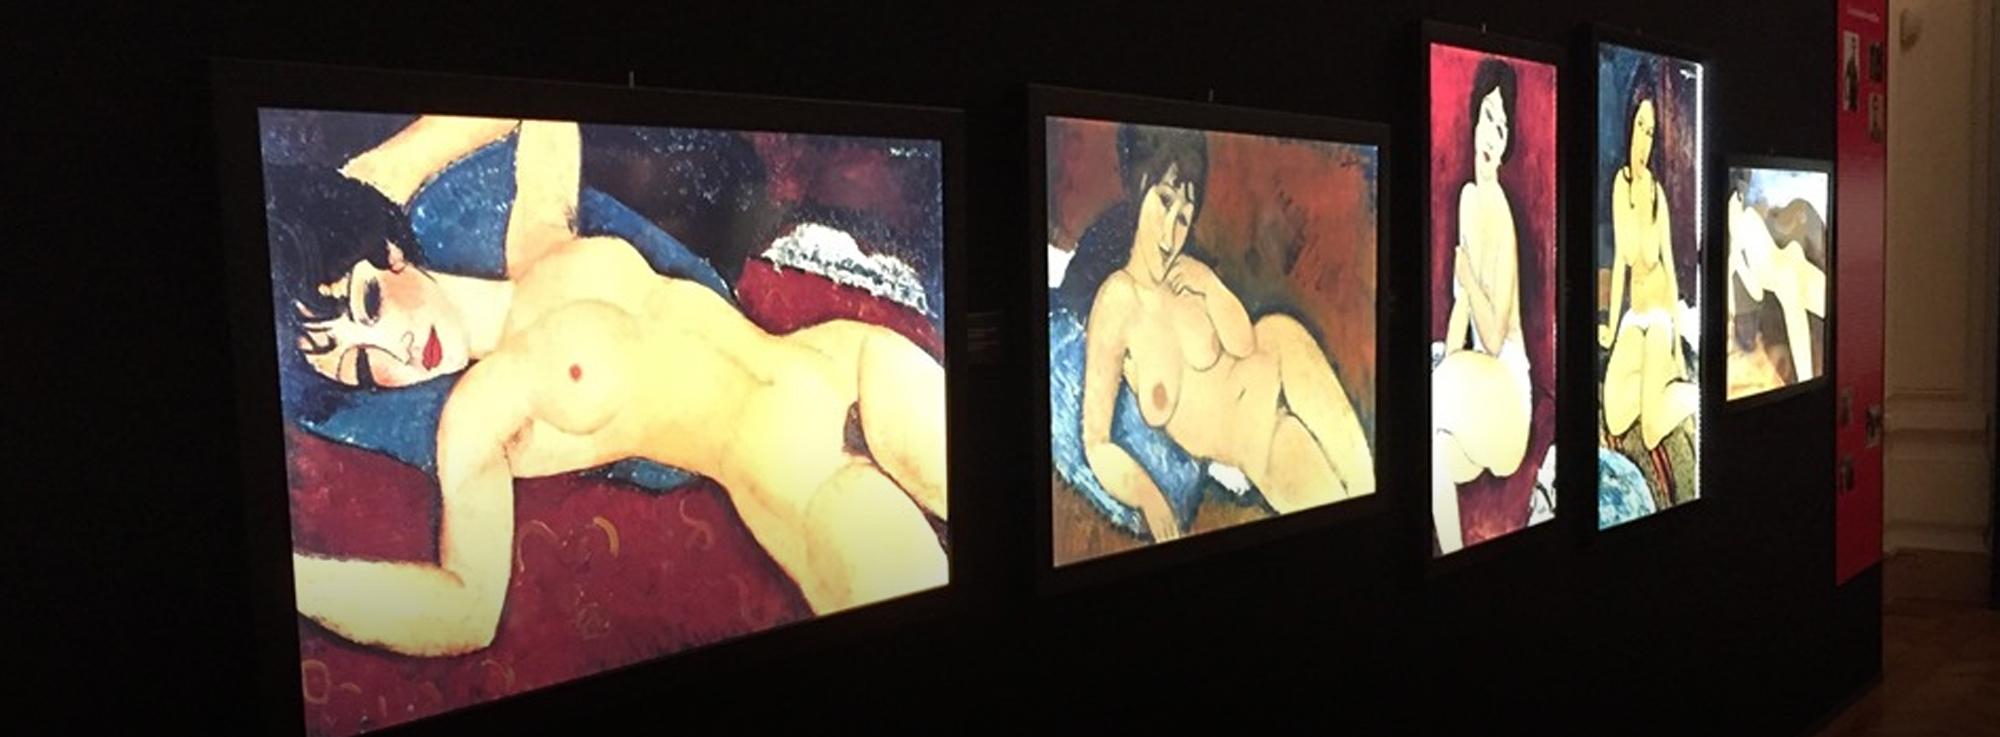 Otranto: 1920-2020 Modigliani. L'artista italiano